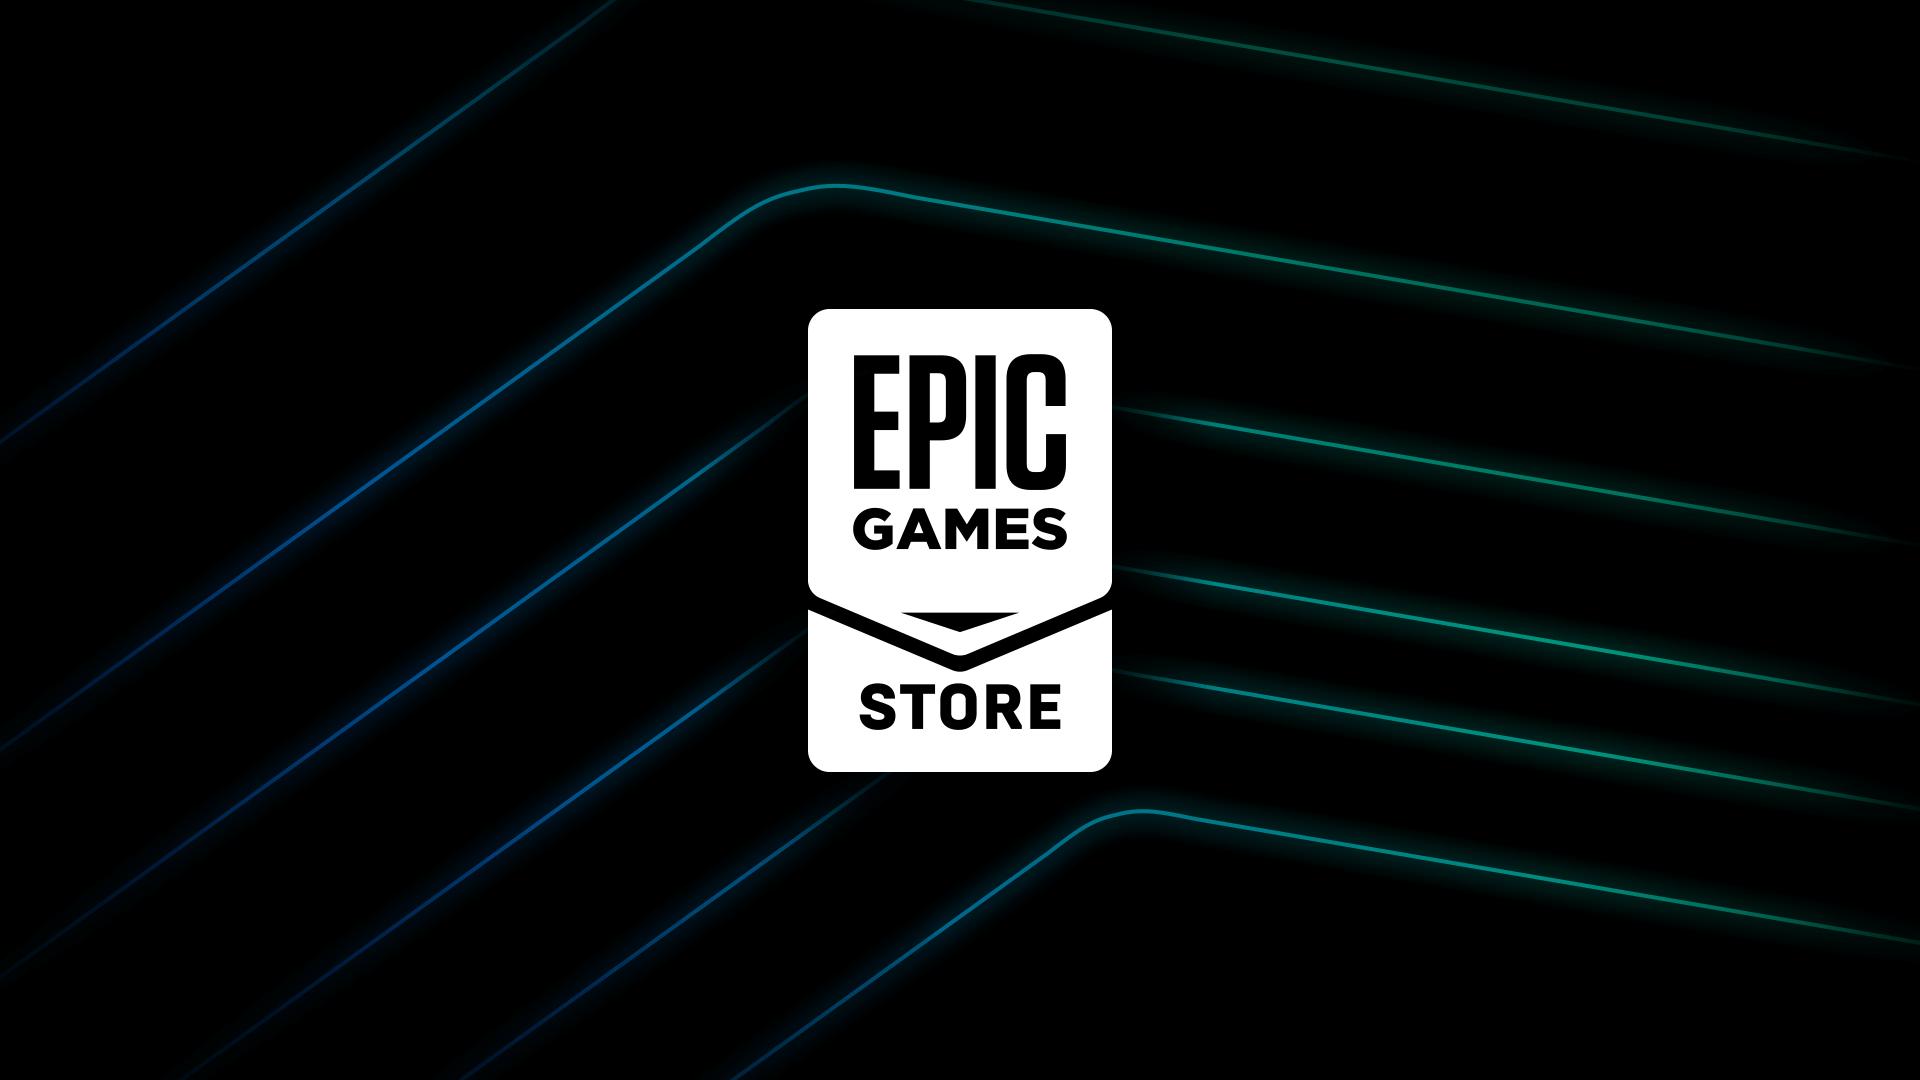 Epic Games'in Bu Hafta Ücretsiz Olarak Vereceği Oyunlar Belli Oldu